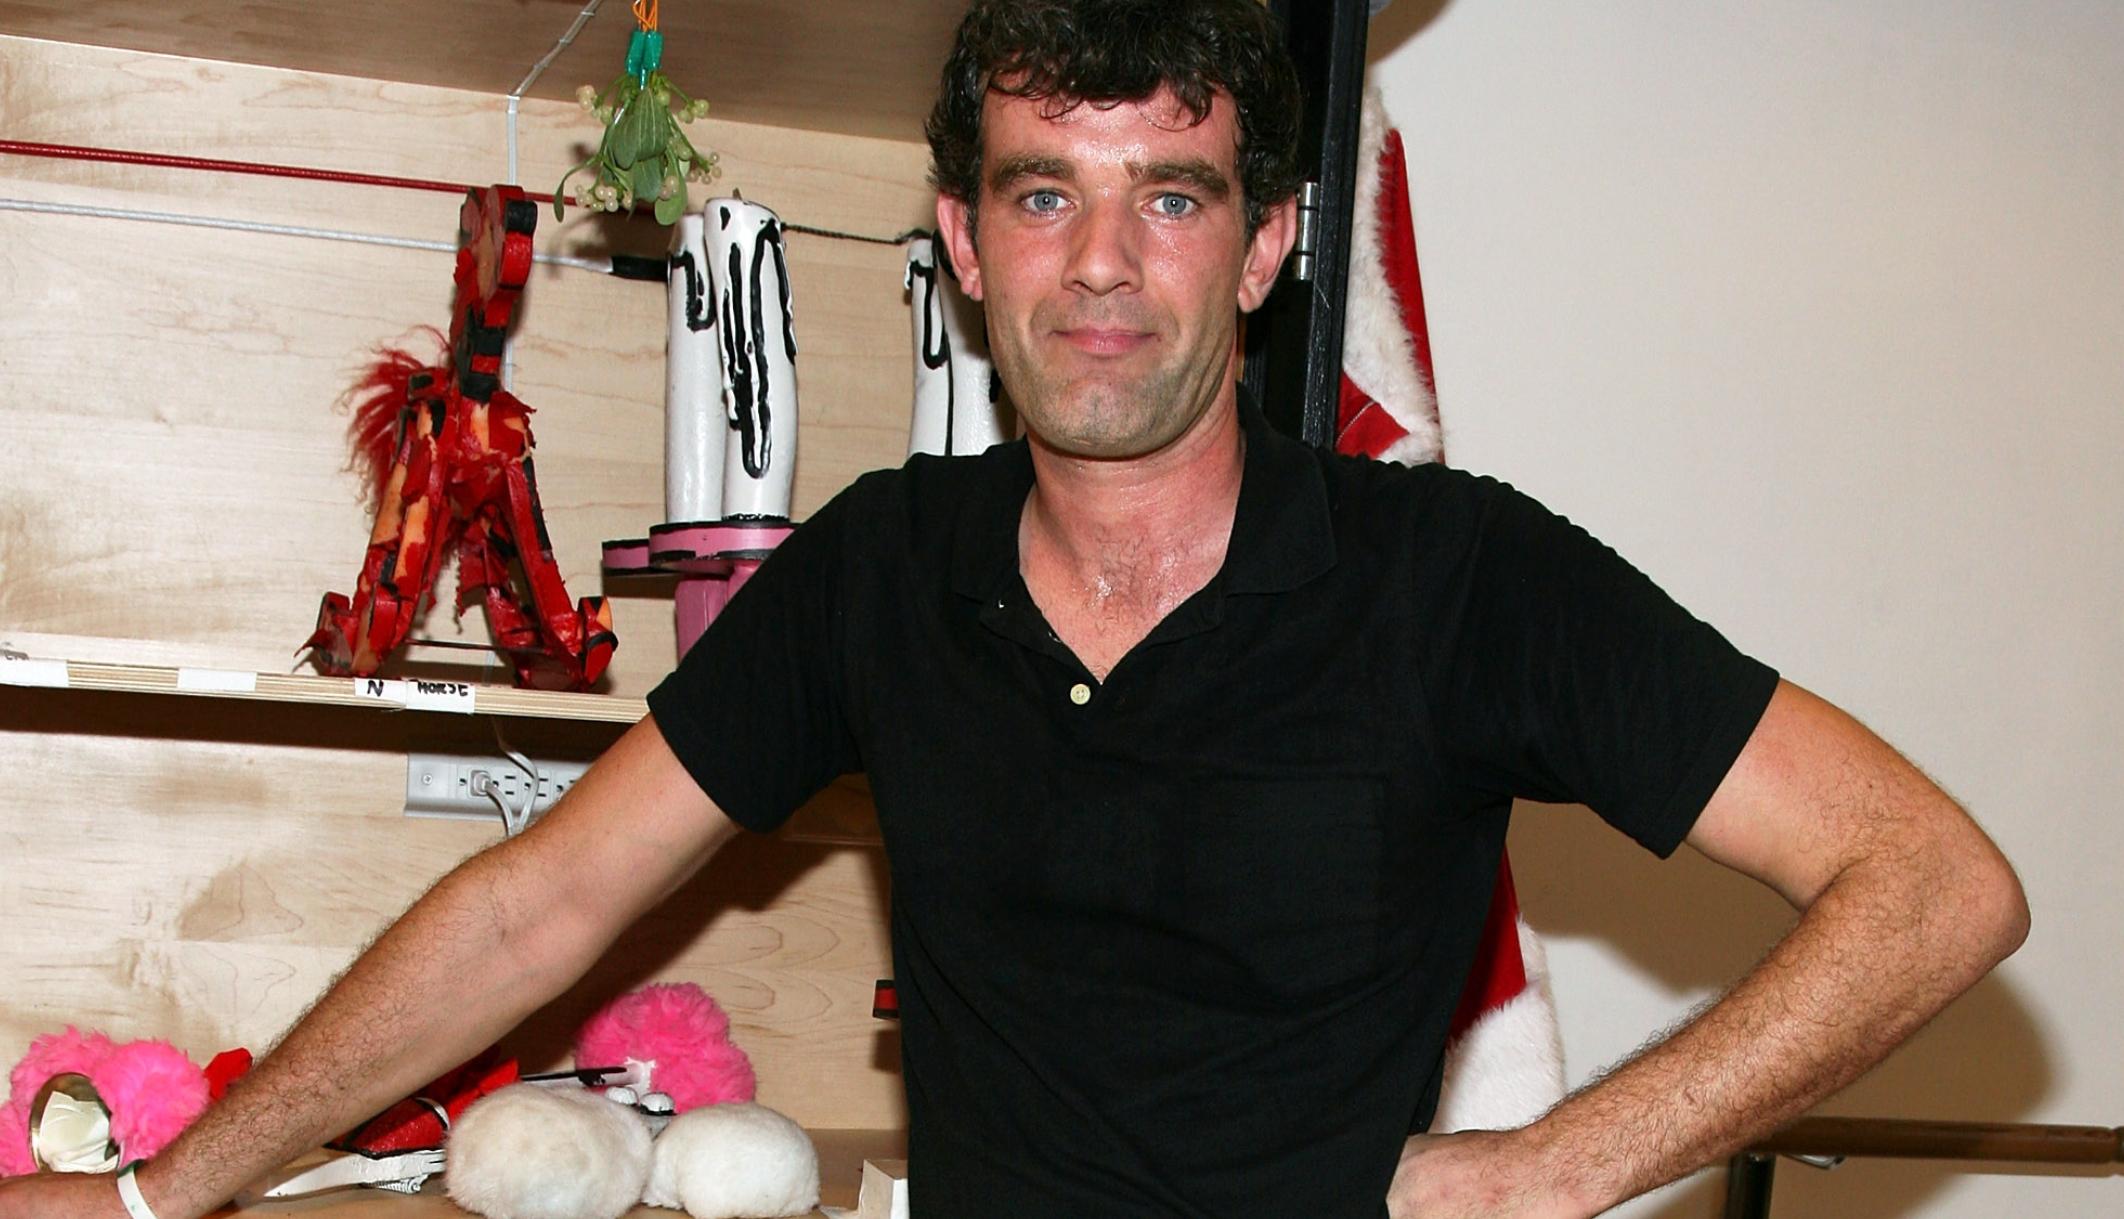 Glumac 'LazyTown' Stefan Karl Stefansson mrtav u 43 godini nakon bitke s rakom